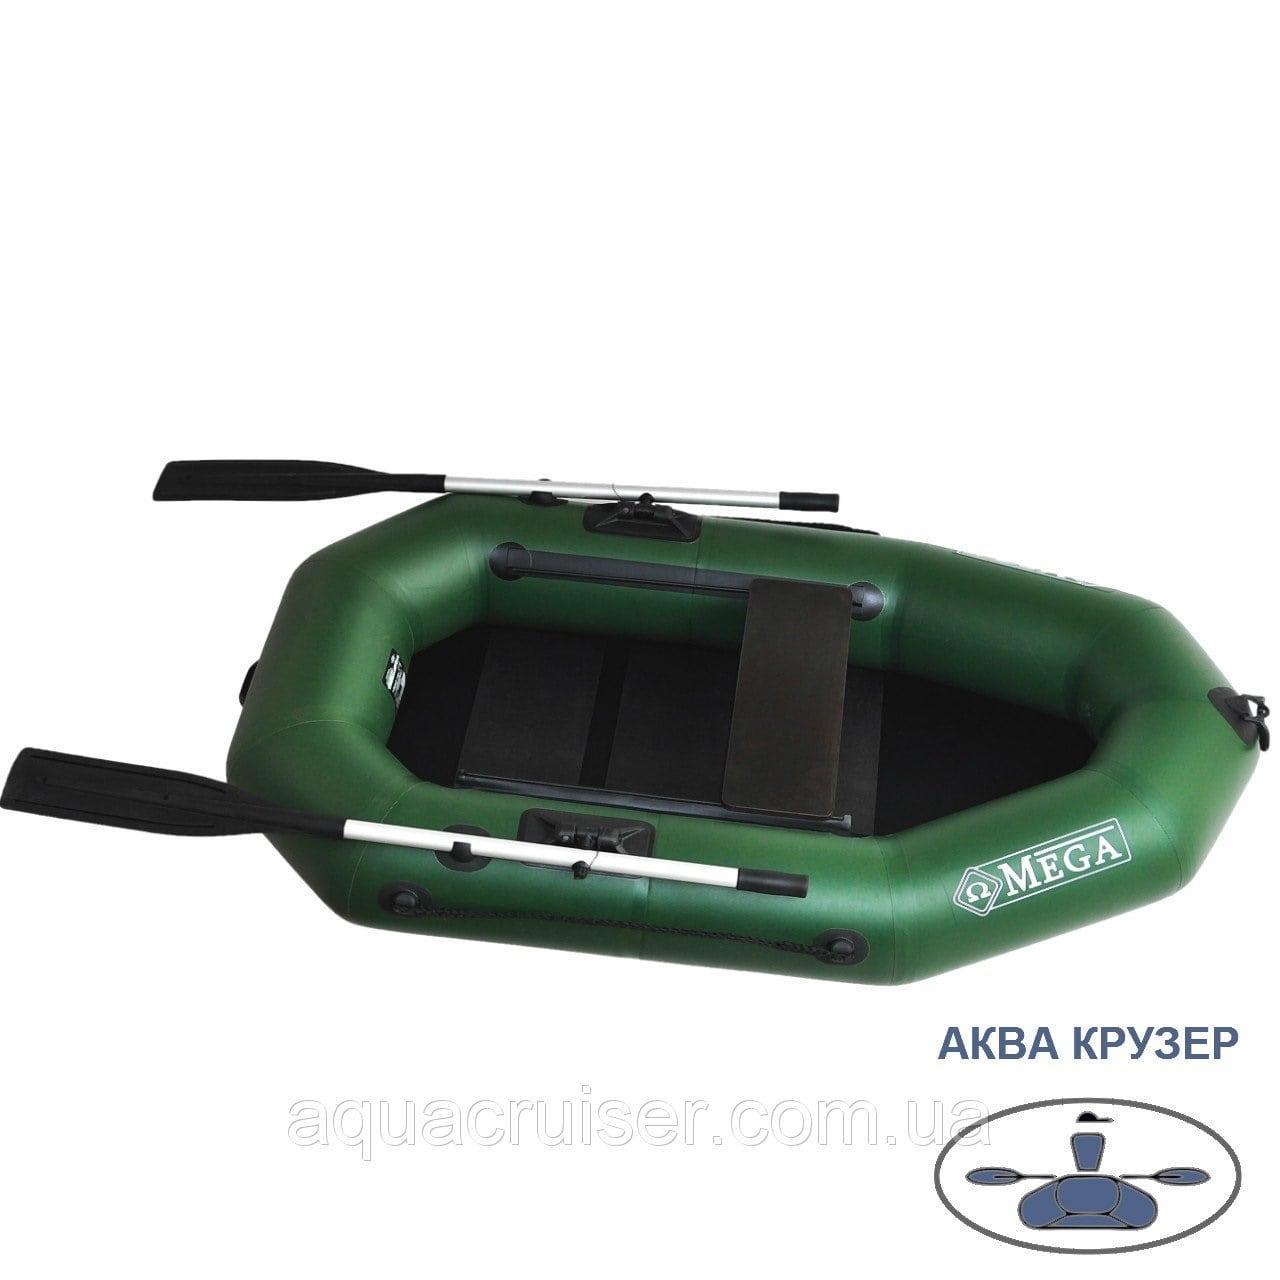 Надувная лодка пвх Omega Ω 210 LS (PS) - гребная одноместная лодка для рыбалки, охоты и отдыха